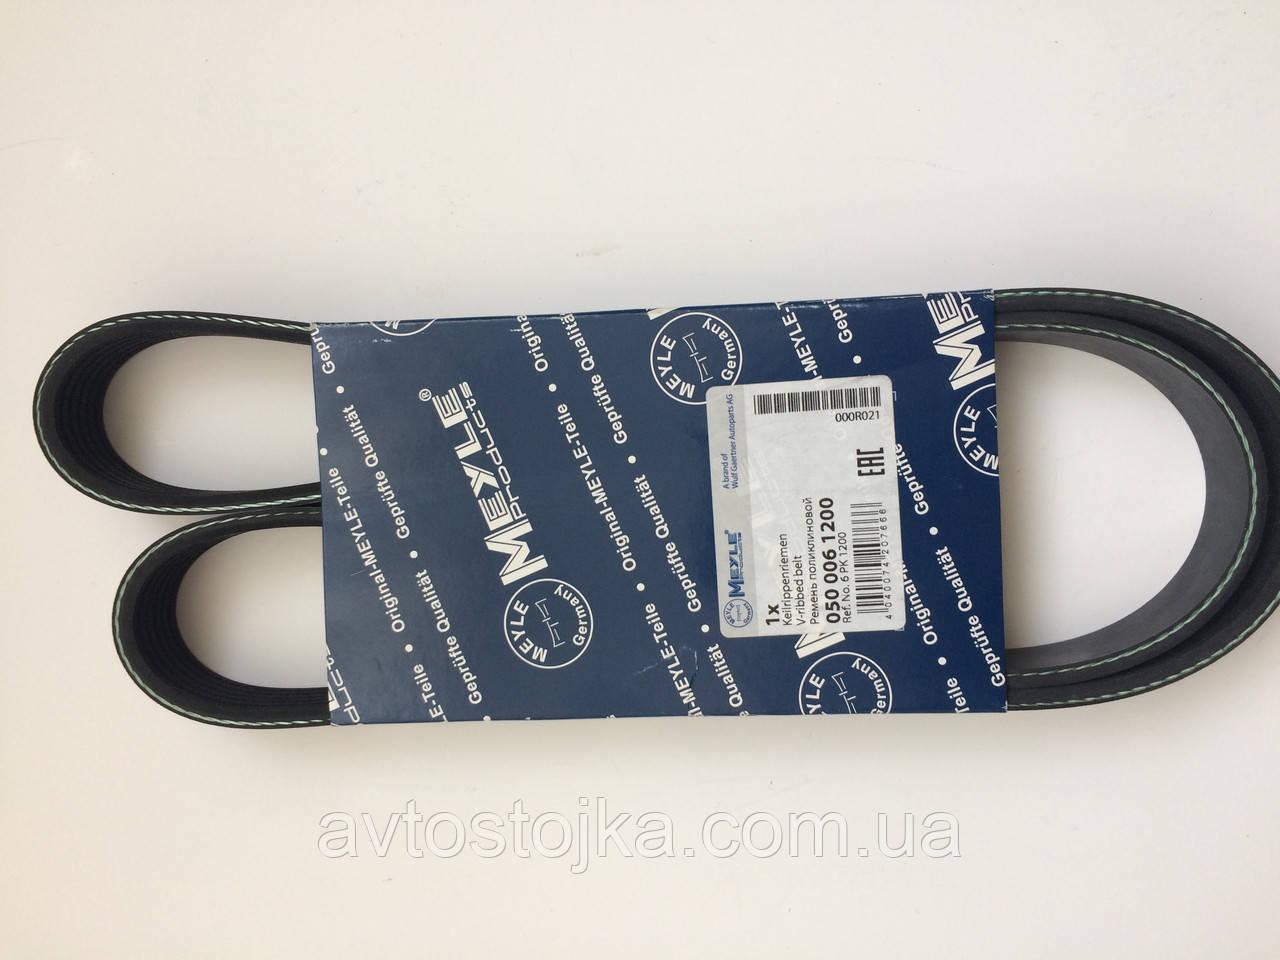 Поликлиновый (ручейковый) ремень +AC Renault Kangoo 1.5dCi  MEYLE (Германия)